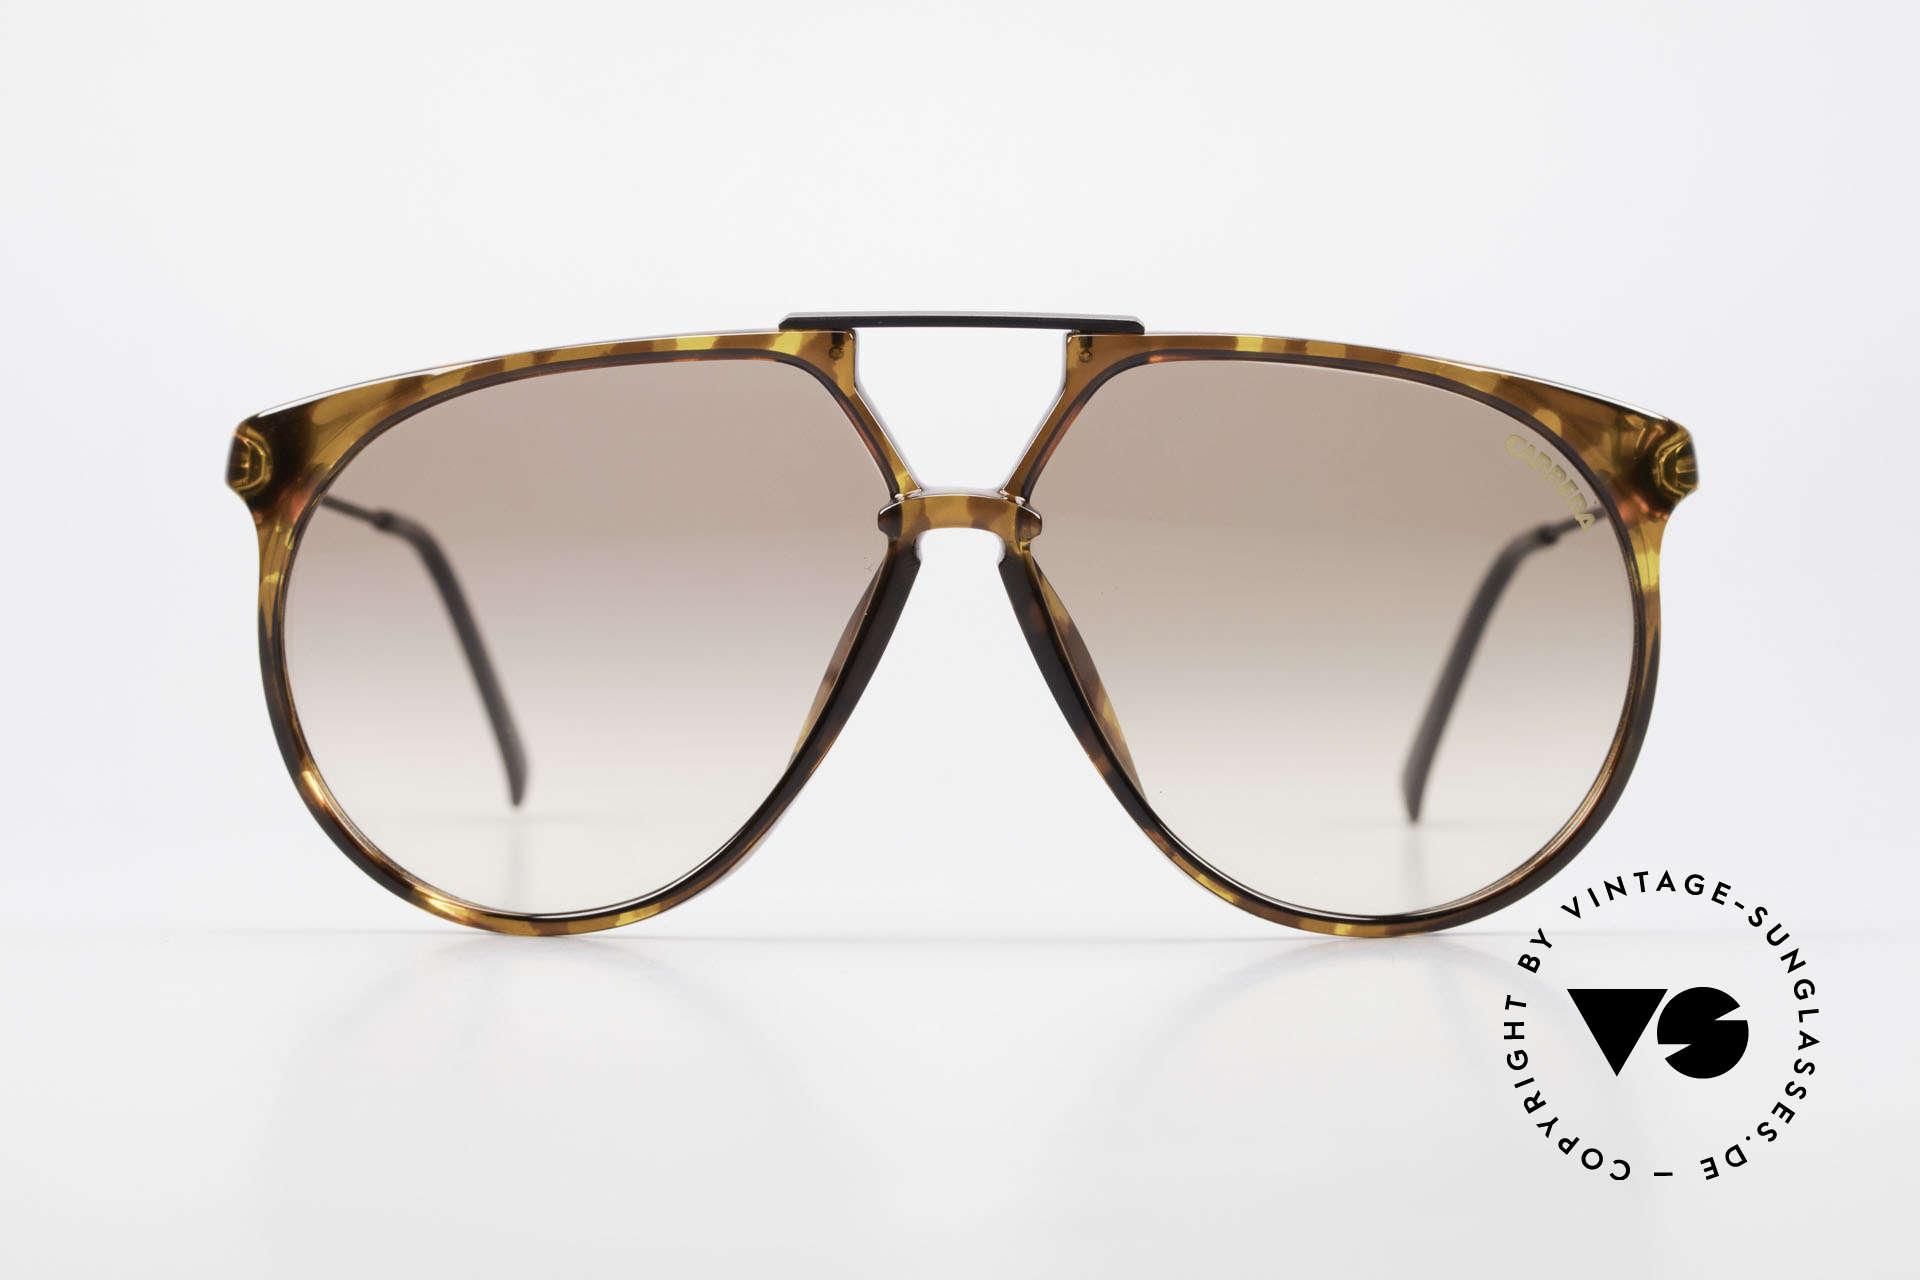 Carrera 5415 80s Sonnenbrille 2 Paar Gläser, langlebiges Optyl-Material (scheint nicht zu altern), Passend für Herren